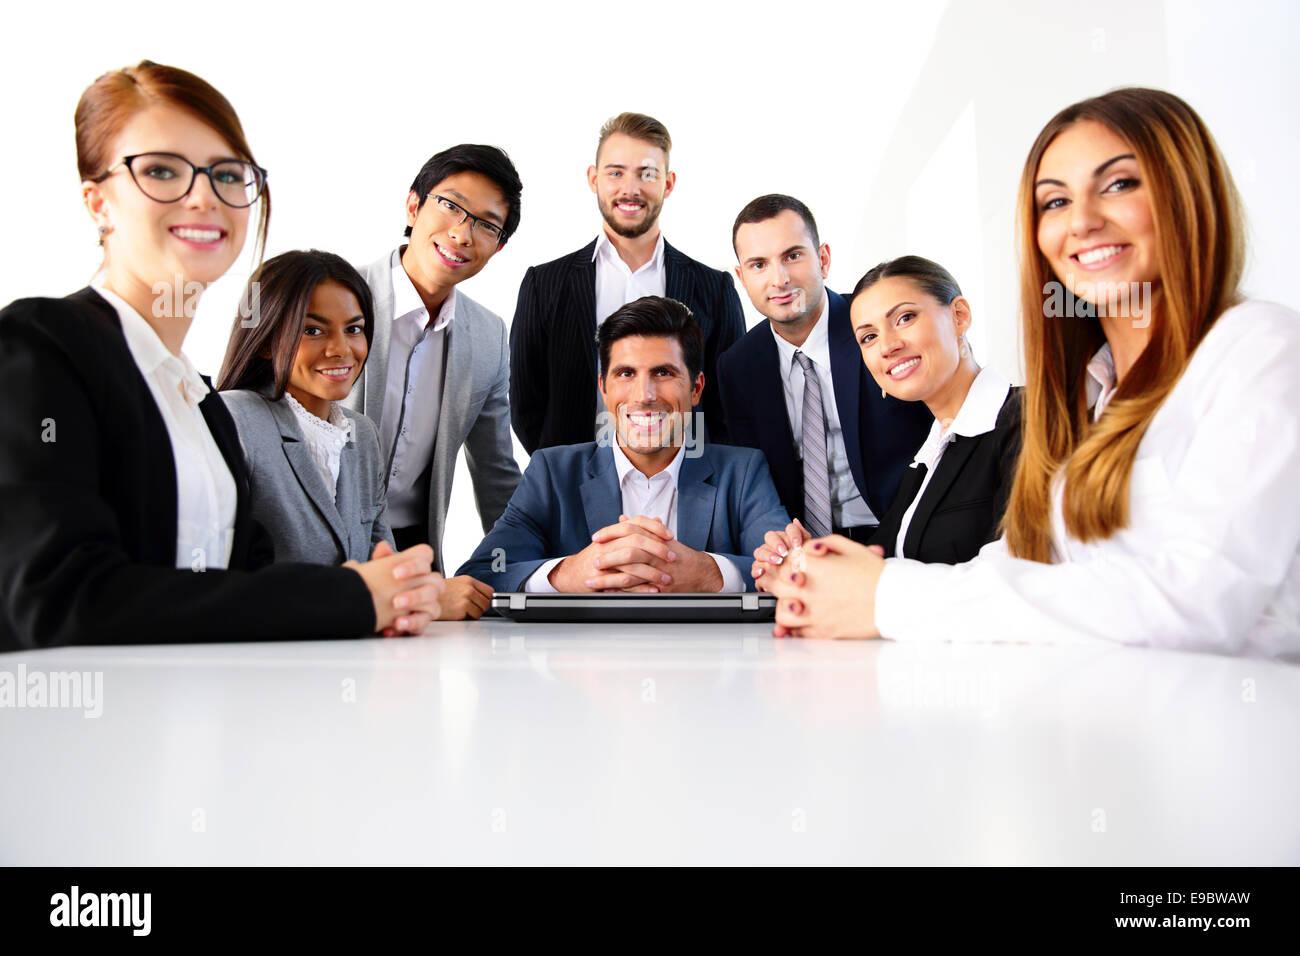 Un grupo de colegas sonriente en la oficina Imagen De Stock